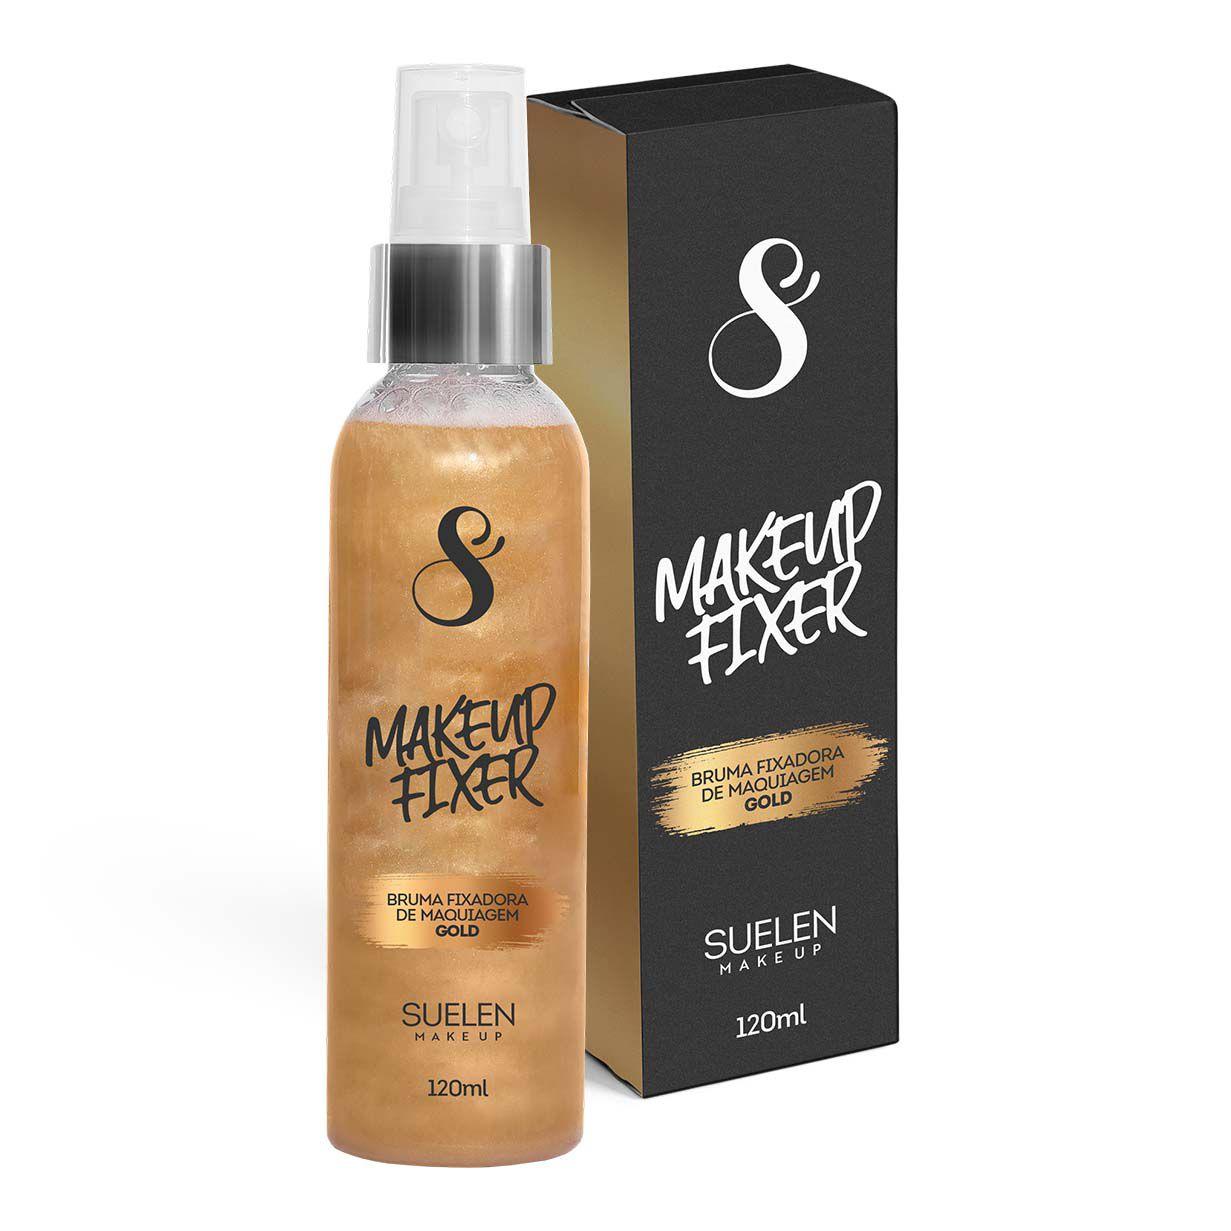 Bruma Fixadora de Maquiagem Gold Suelen Makeup  - SUELEN MAKEUP